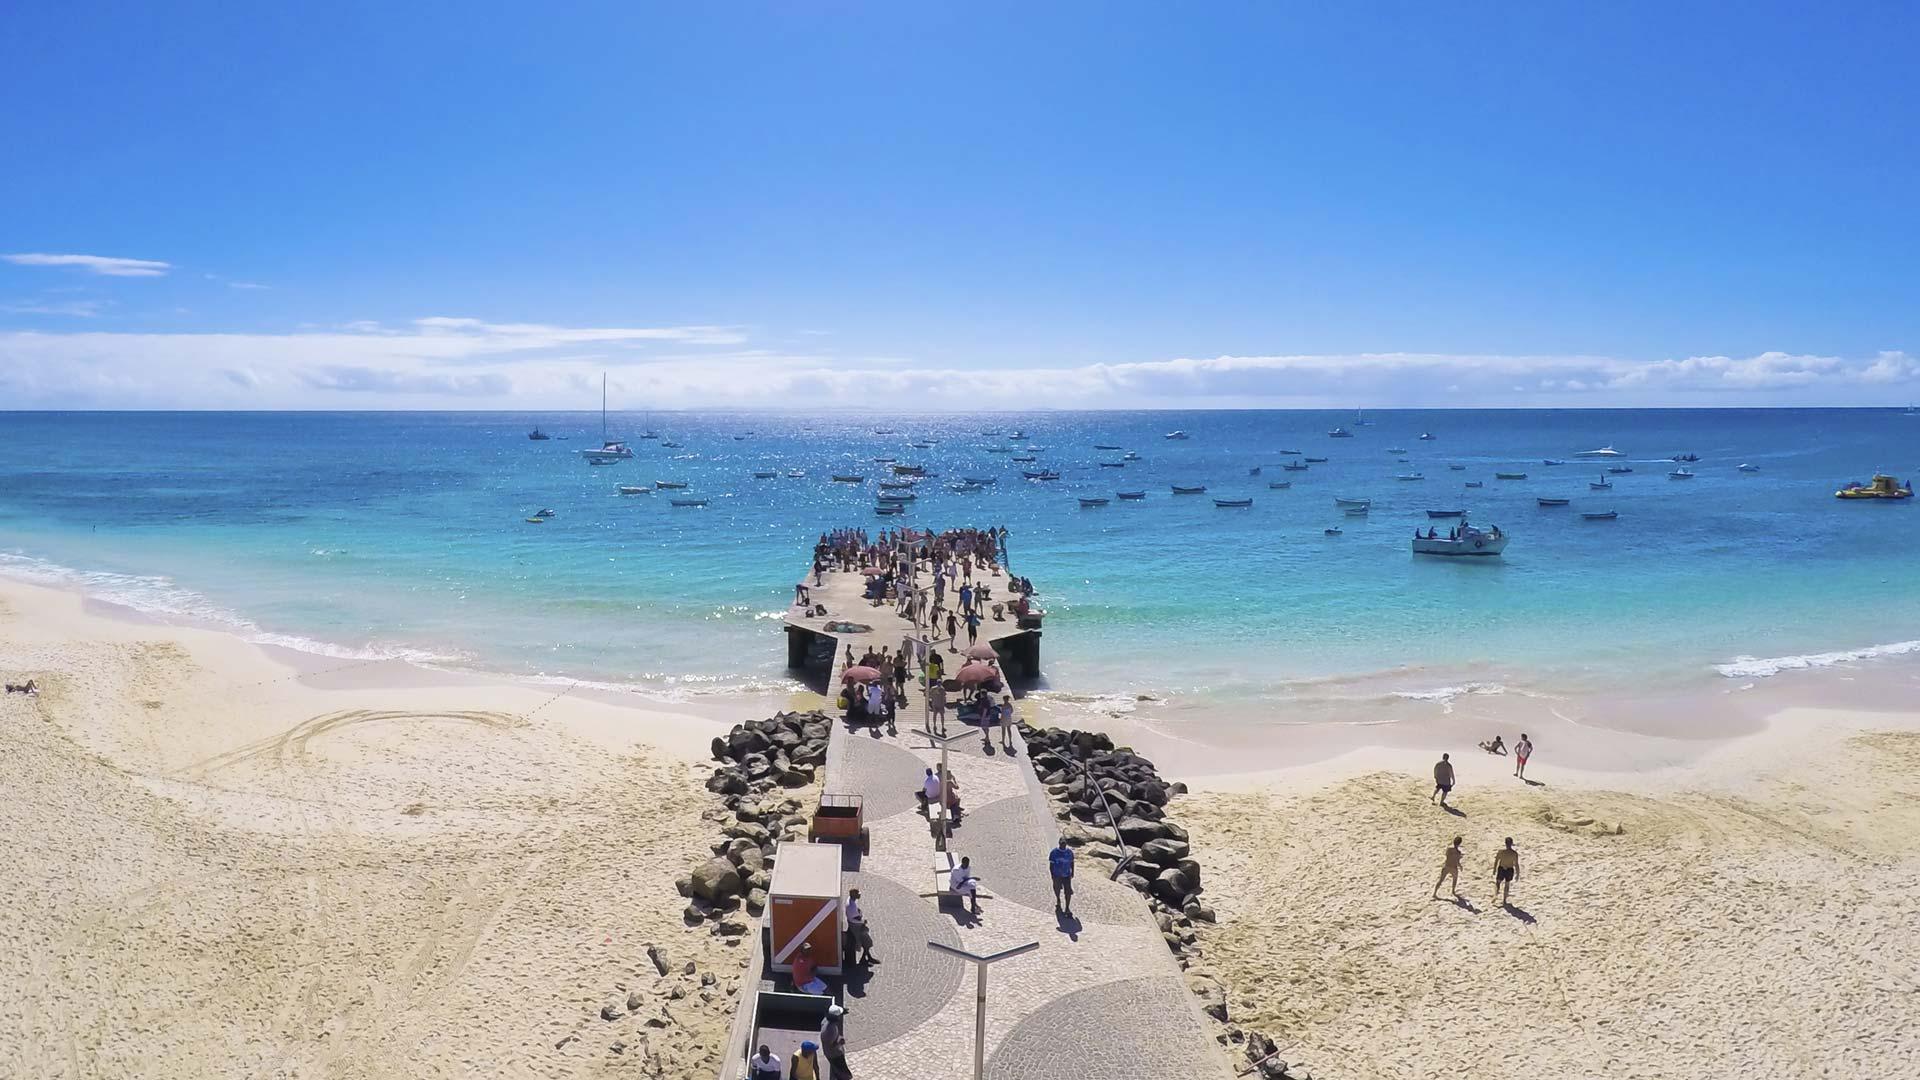 Fameux ponton en bois de Santa Maria, d'où regardent les pêcheurs cap verdiens, ville typique, mais la plus animée et touristique de l'île.